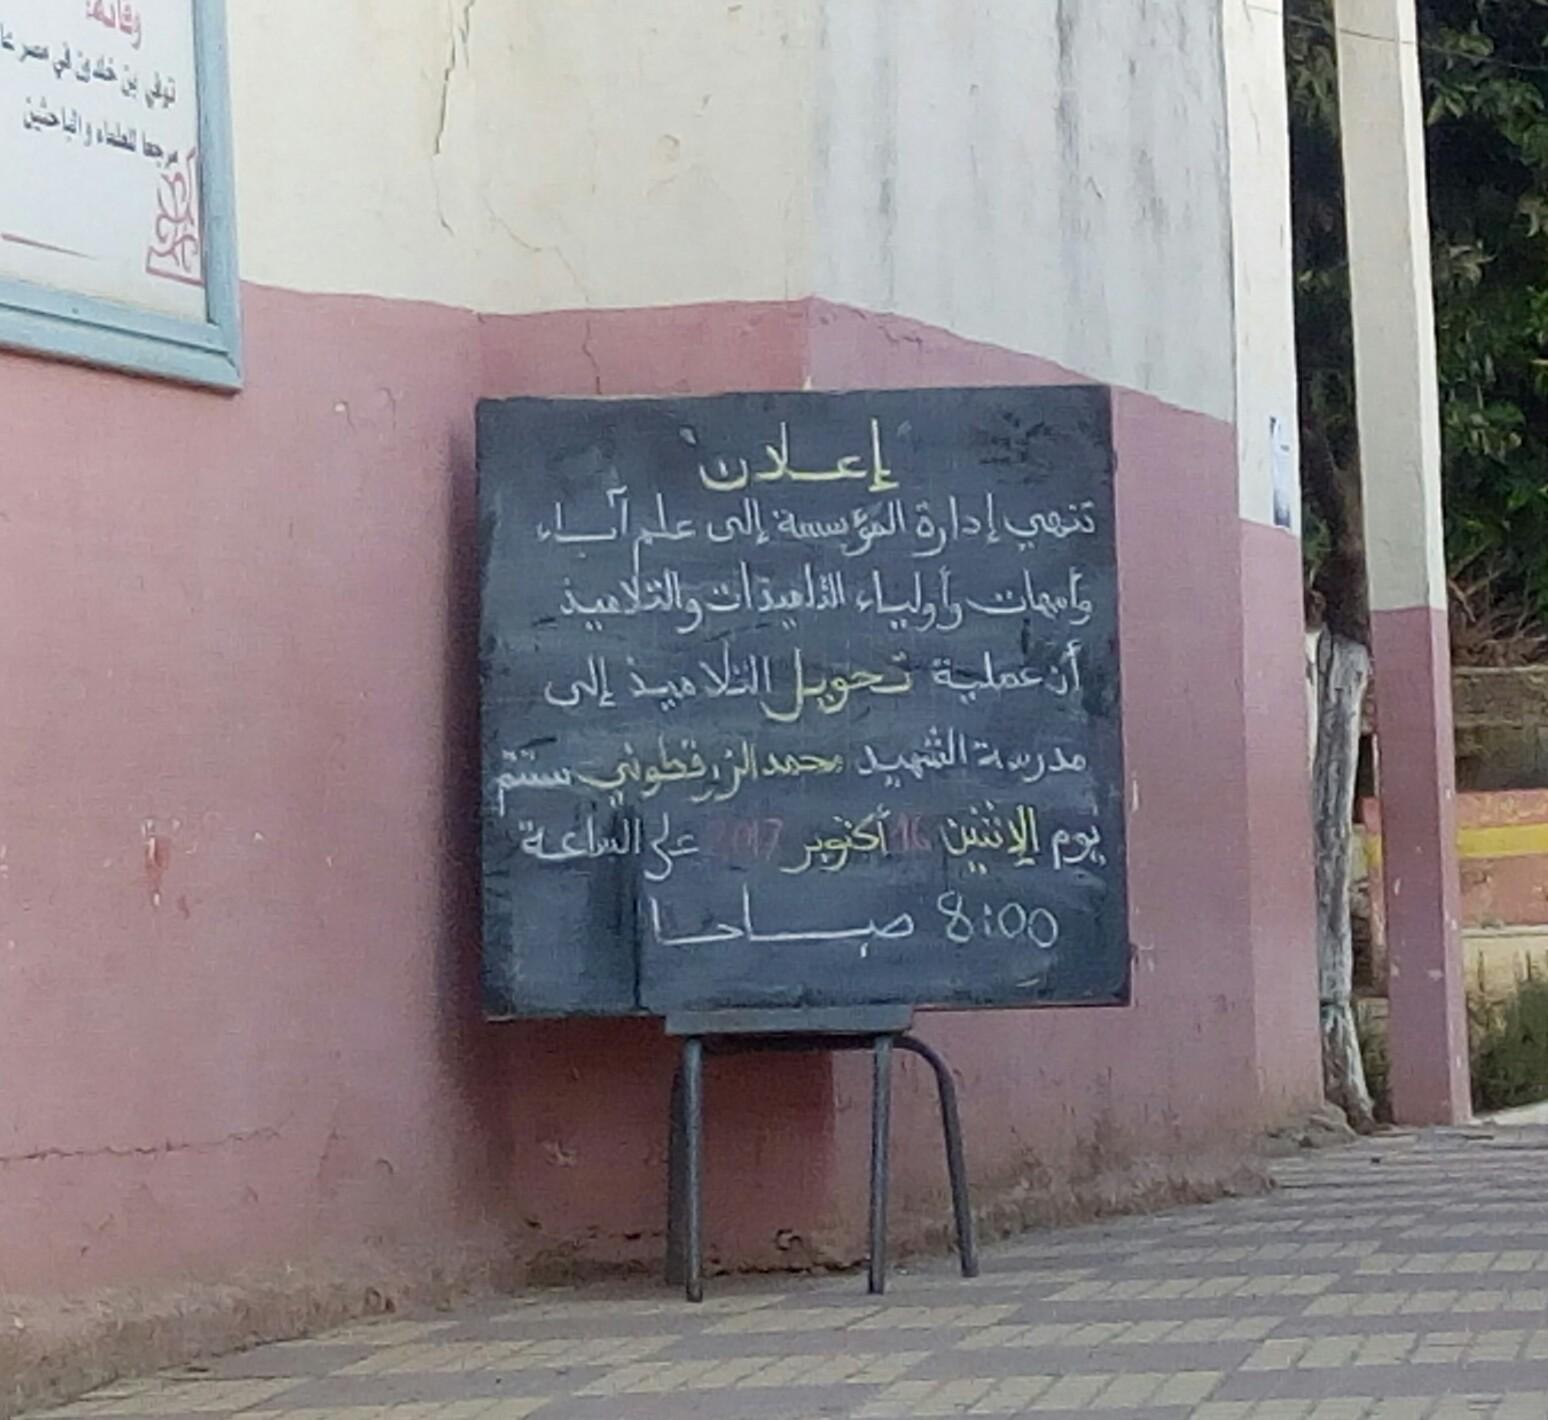 من قبل أن تحل السلطات الوصية بمدرسة ابن خلدون: التلاميذ يمتنعون عن الترحيل